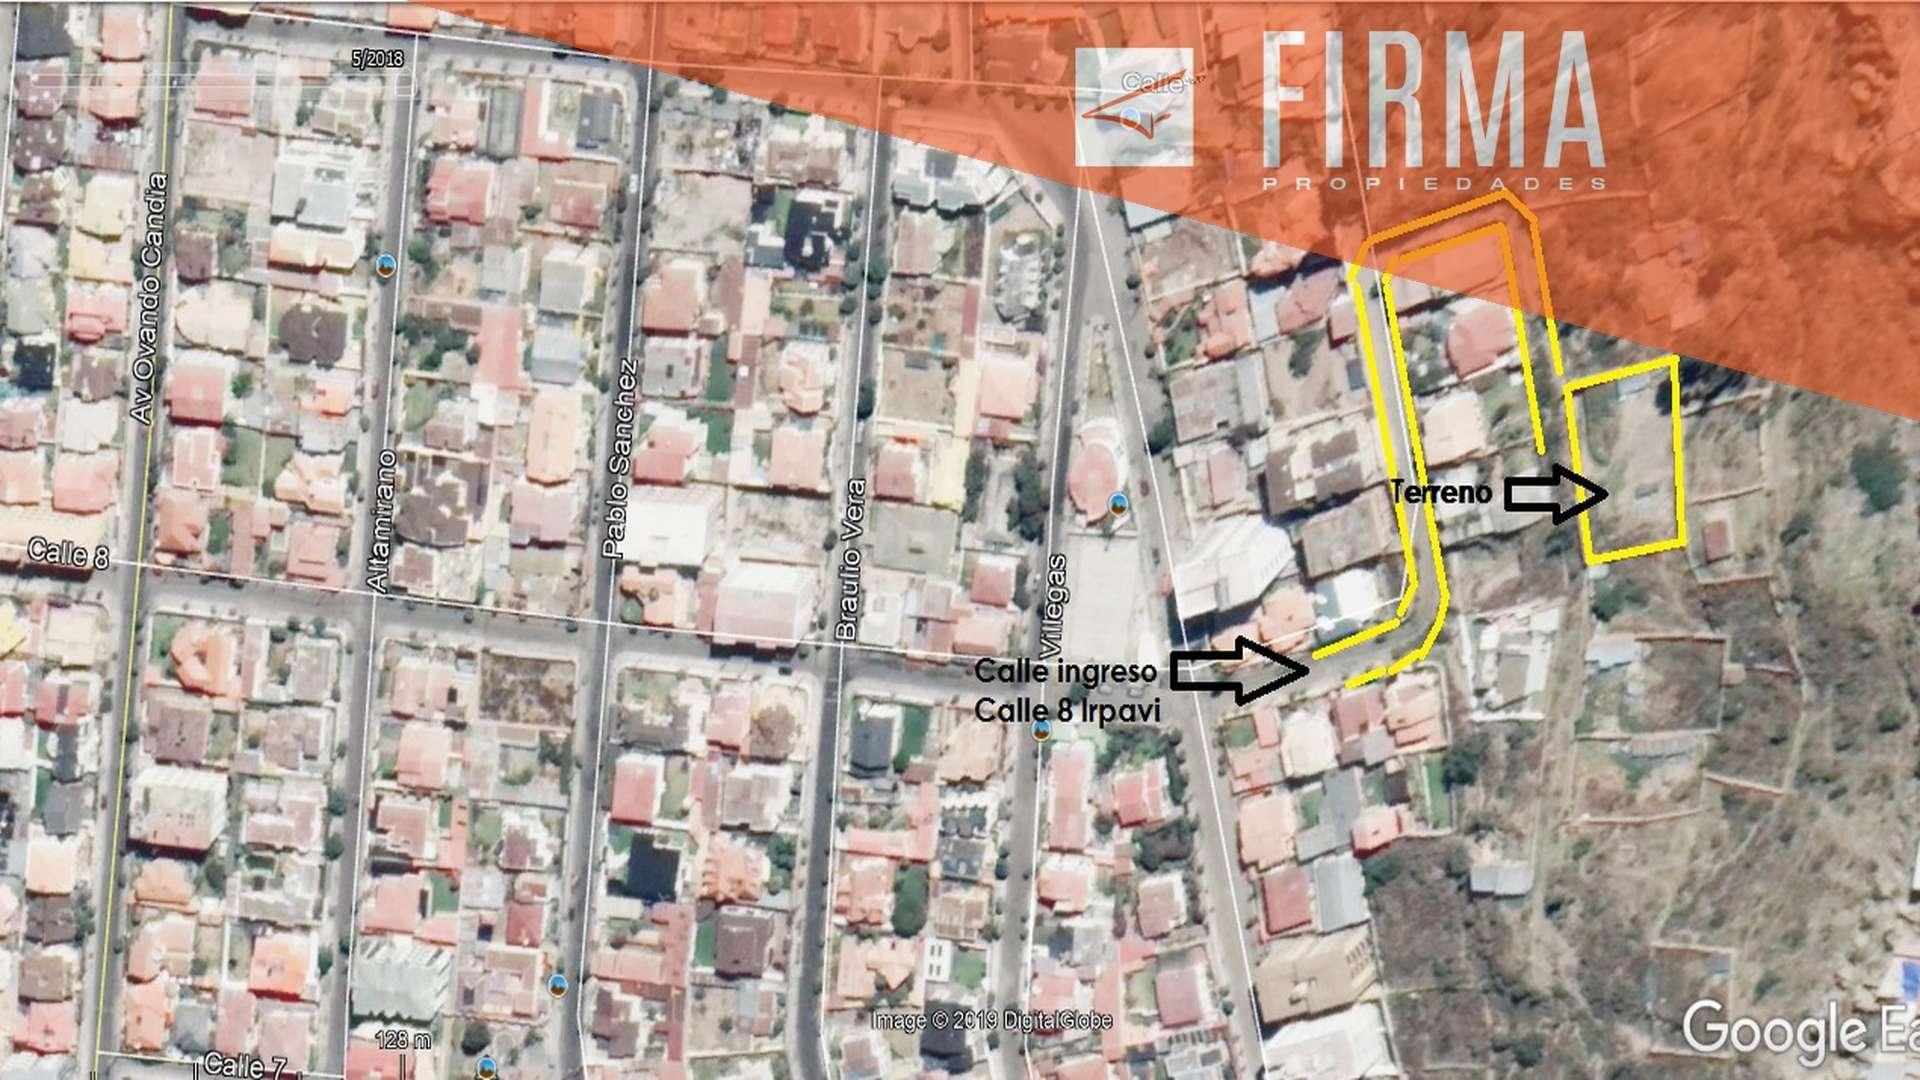 Terreno en Venta FTV32377 – COMPRA TU TERRENO EN IRPAVI Foto 1